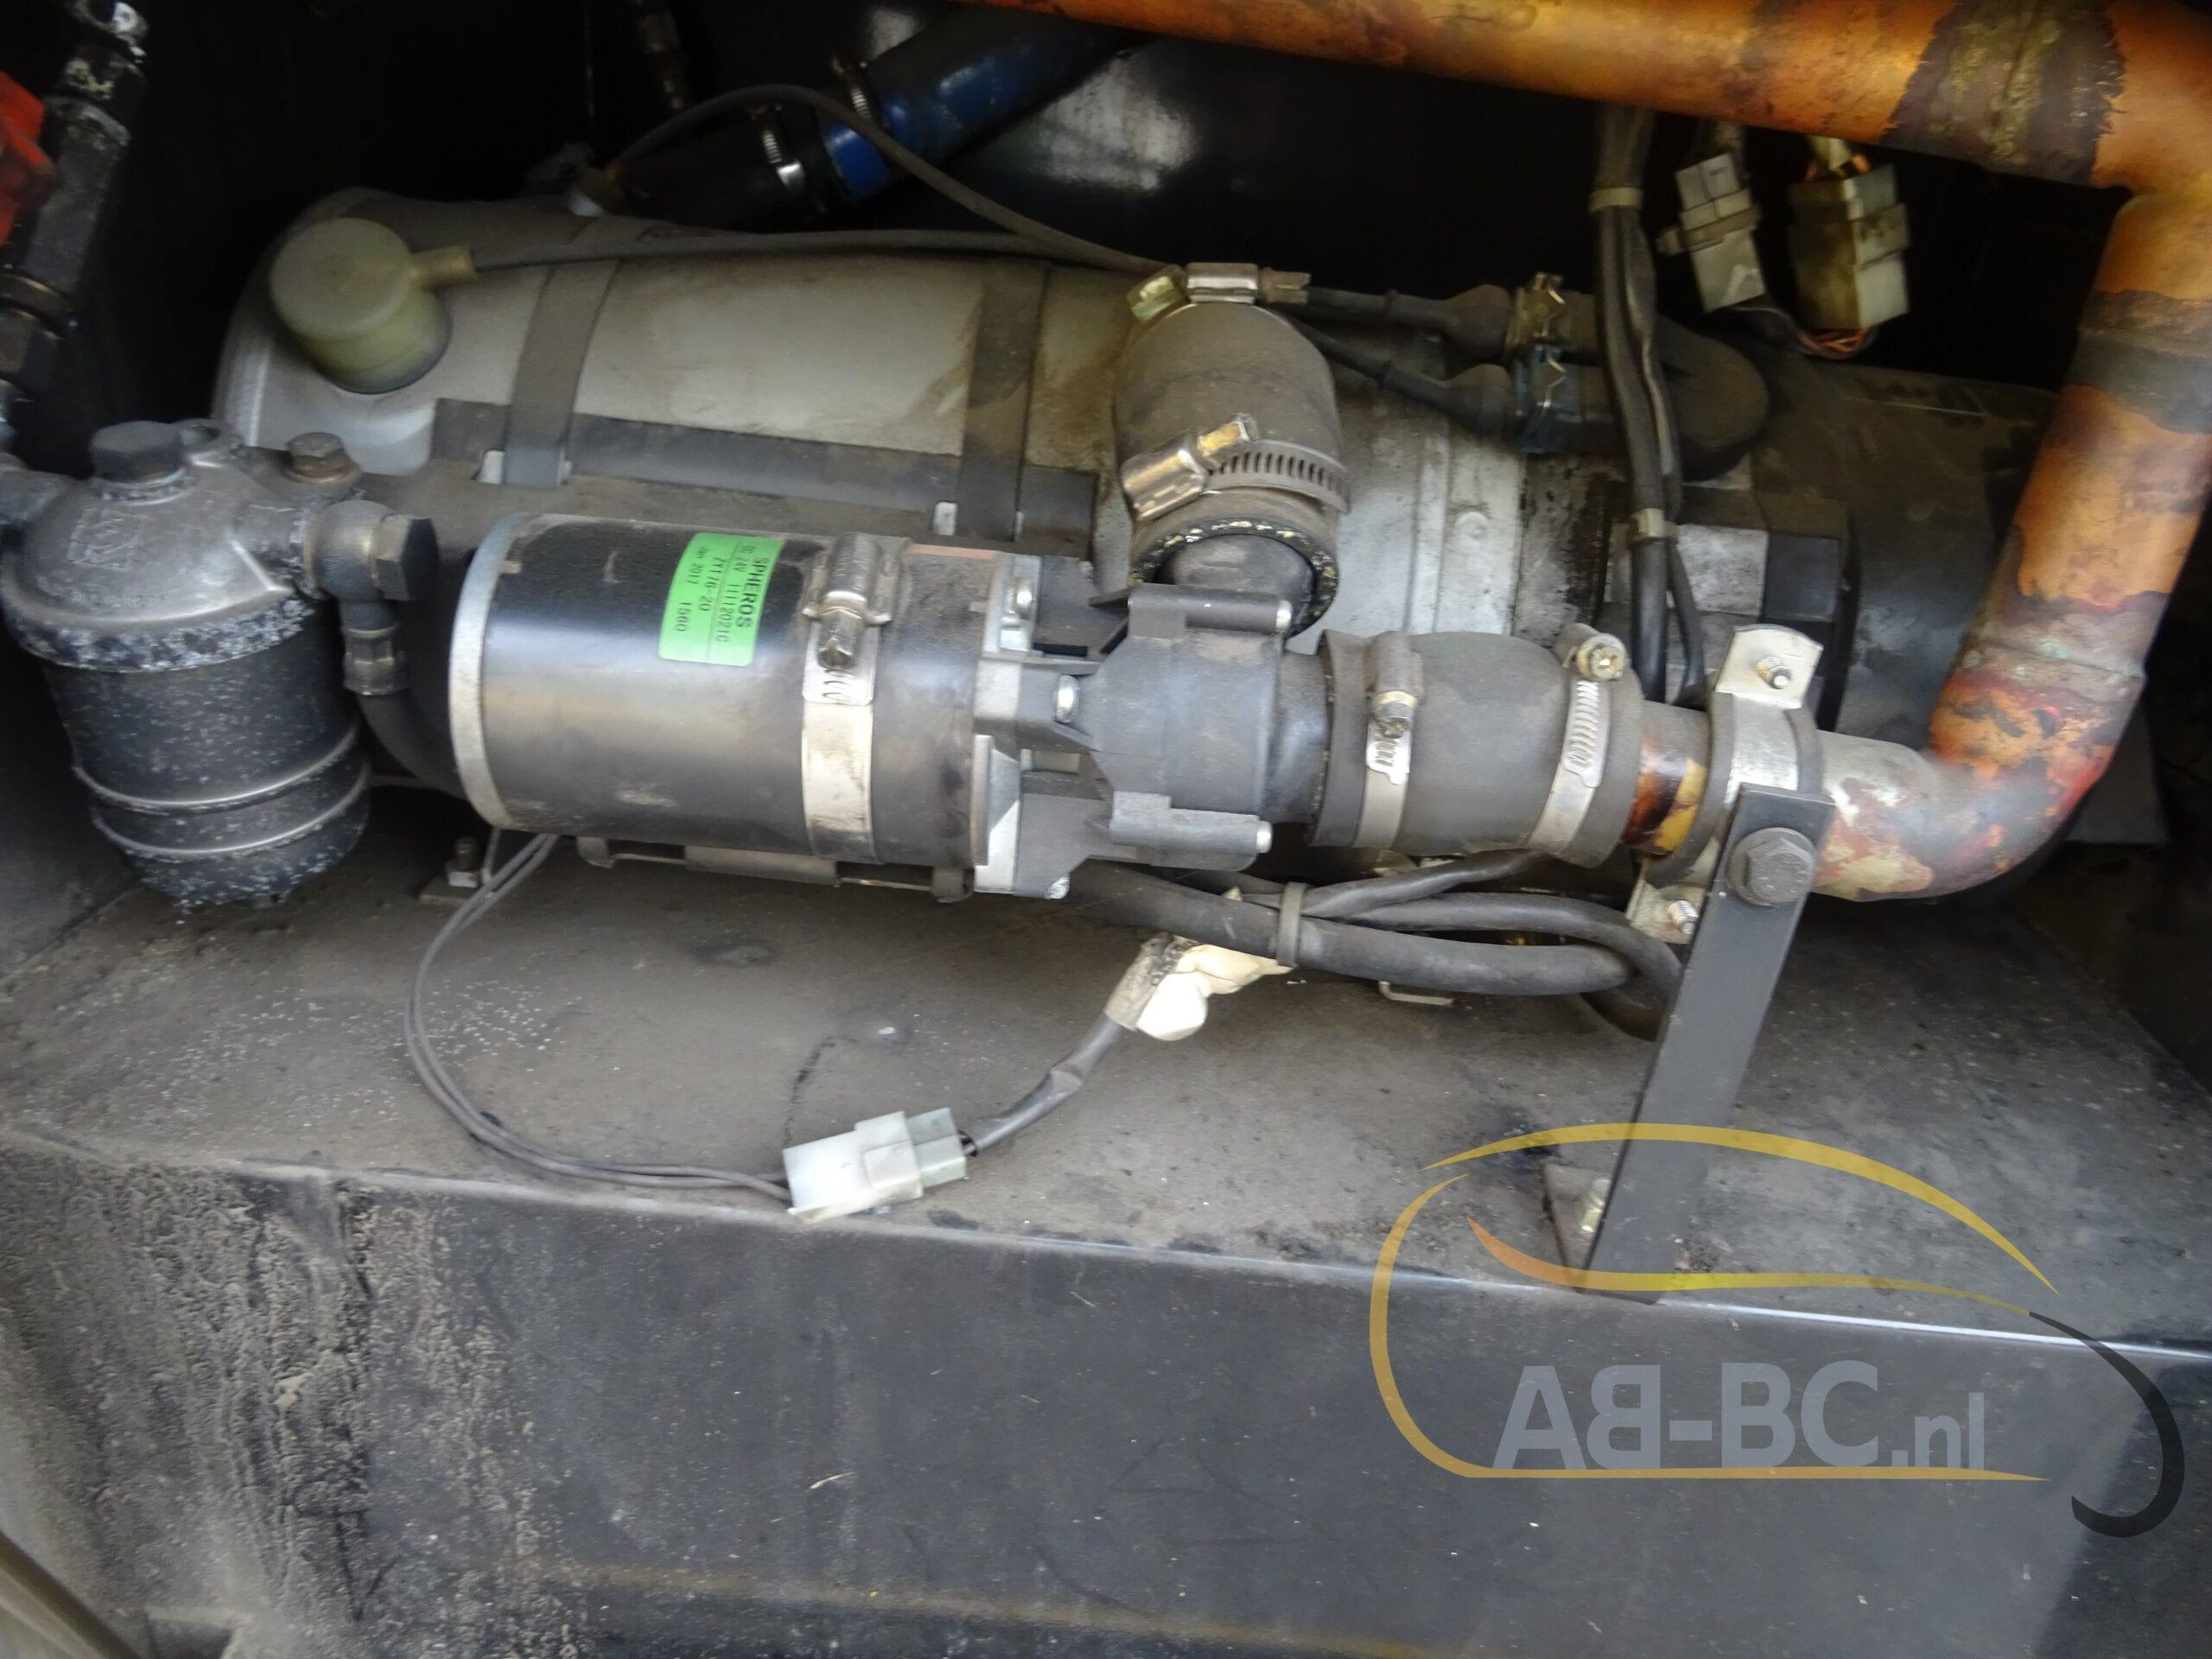 38-AKL-76 21